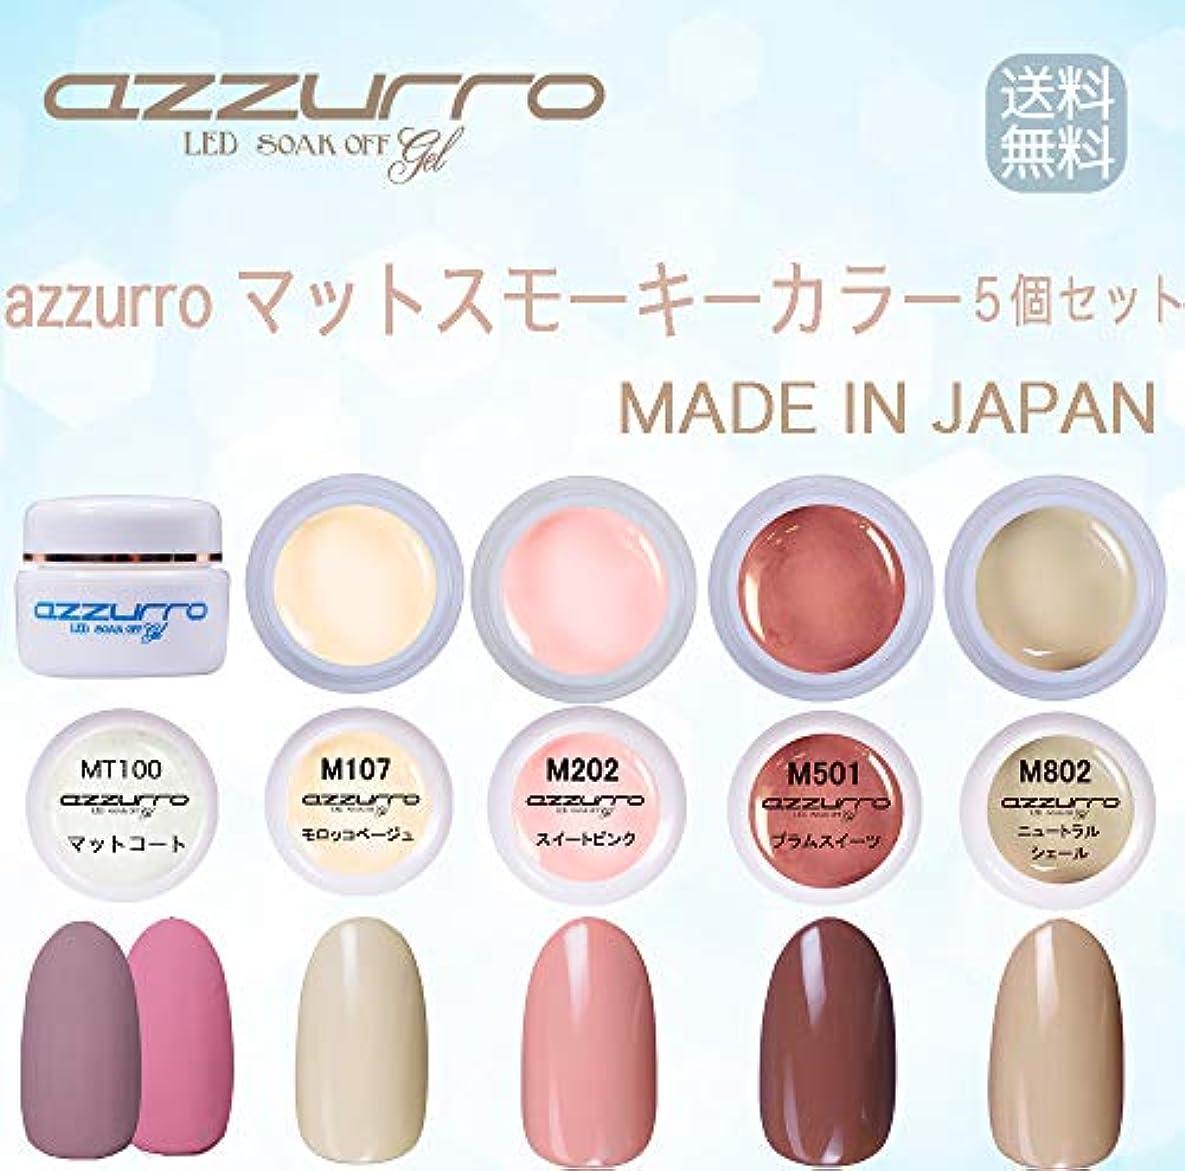 港流産交渉する【送料無料】日本製 azzurro gel マットスモーキーパステルカラー5個セット 春色にもかかせないマットコートとスモーキーパステルカラー